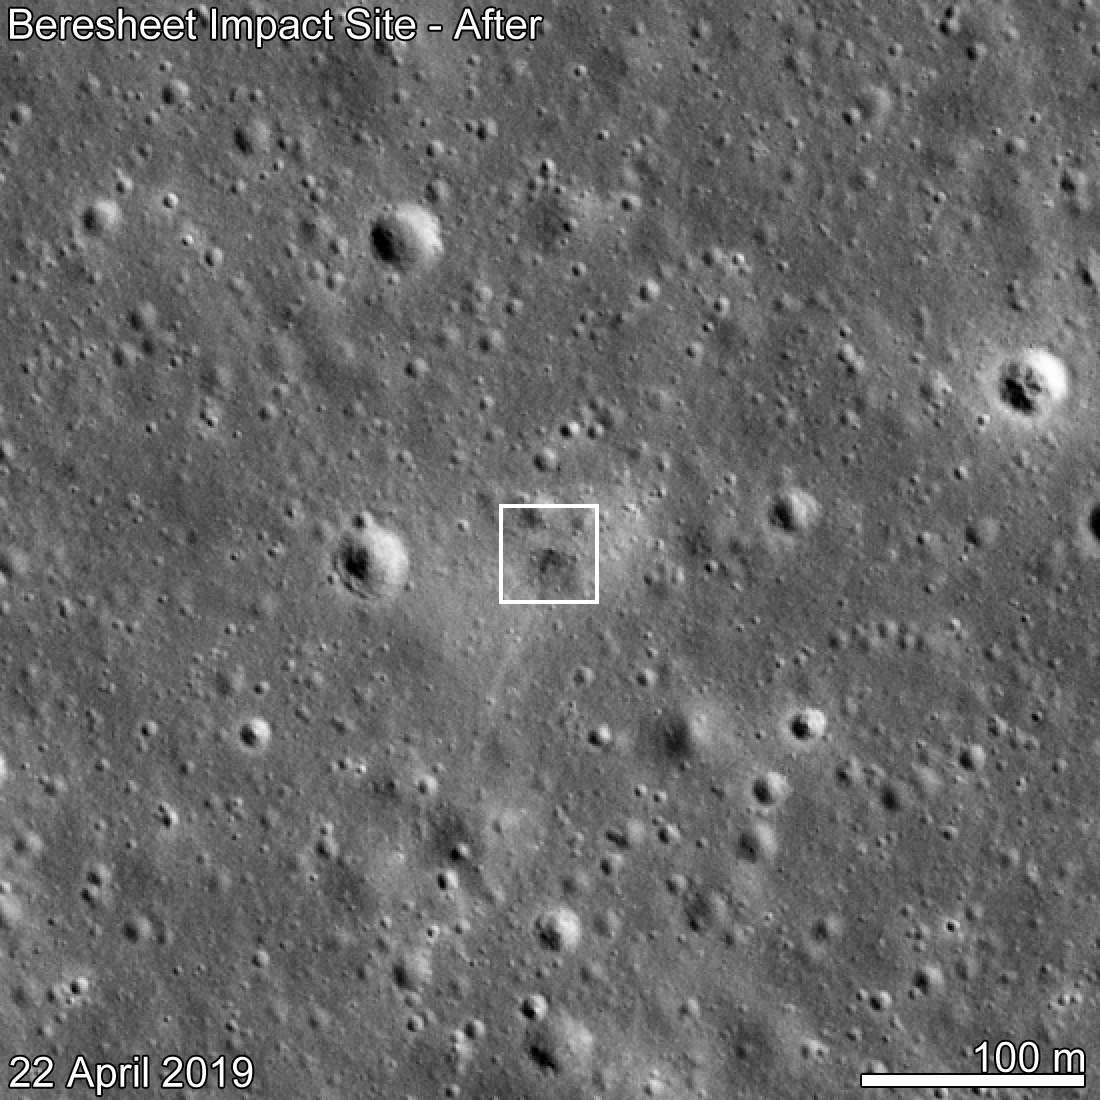 Le site du crash de Beresheet, vu par la sonde Lunar Reconnaissance Orbiter (LRO) le 22 avril 2019. L'atterrisseur israélien développé par SpaceIL s'est écrasé sur la Lune le 11 avril 2019. © NASA/GSFC/Arizona State University